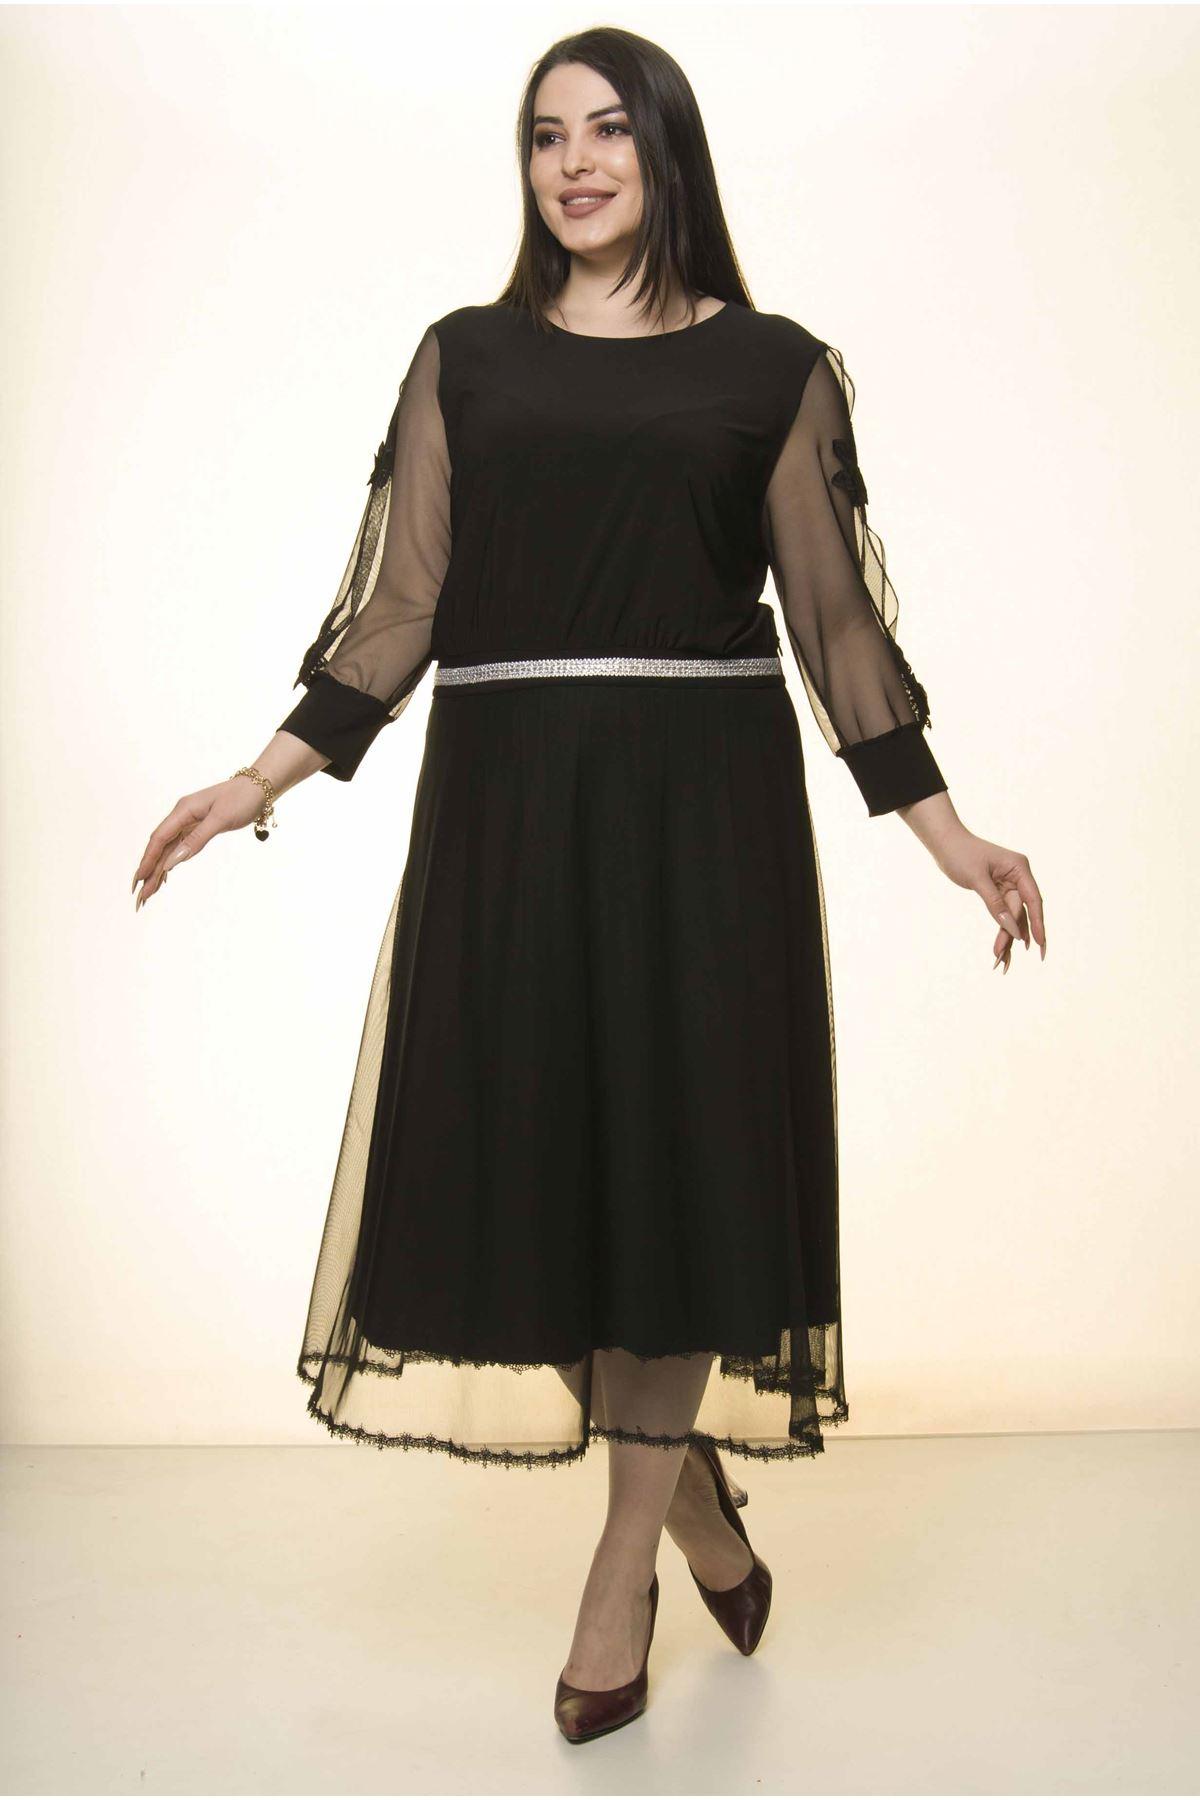 Siyah Kol Nakışlı Büyük Beden Elbise 31A-1571